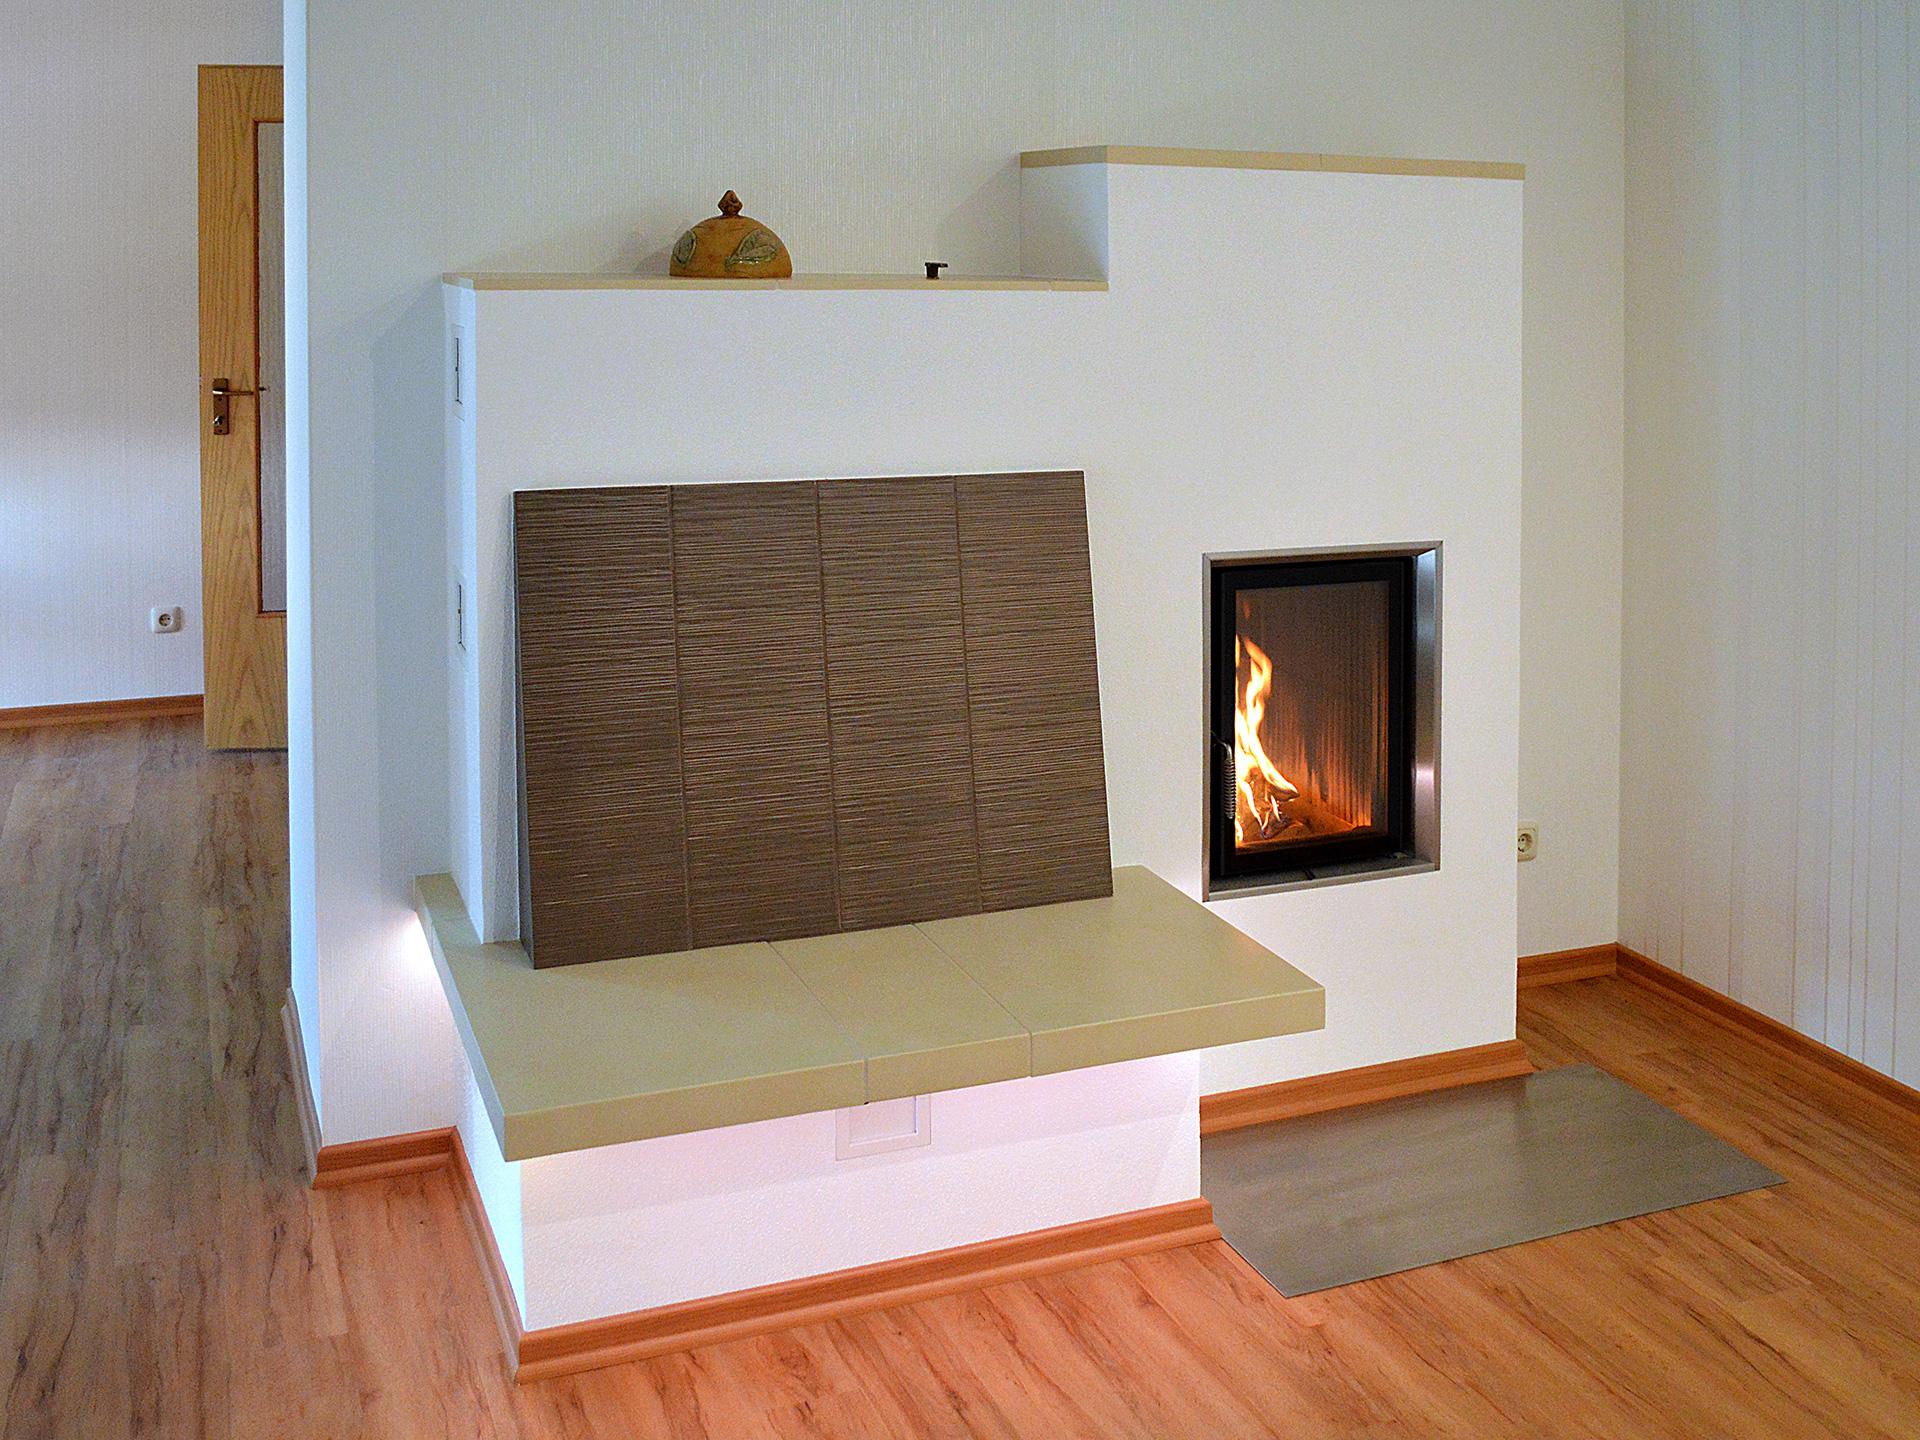 Referenz Ofen- und Kaminbau, Bild 0310